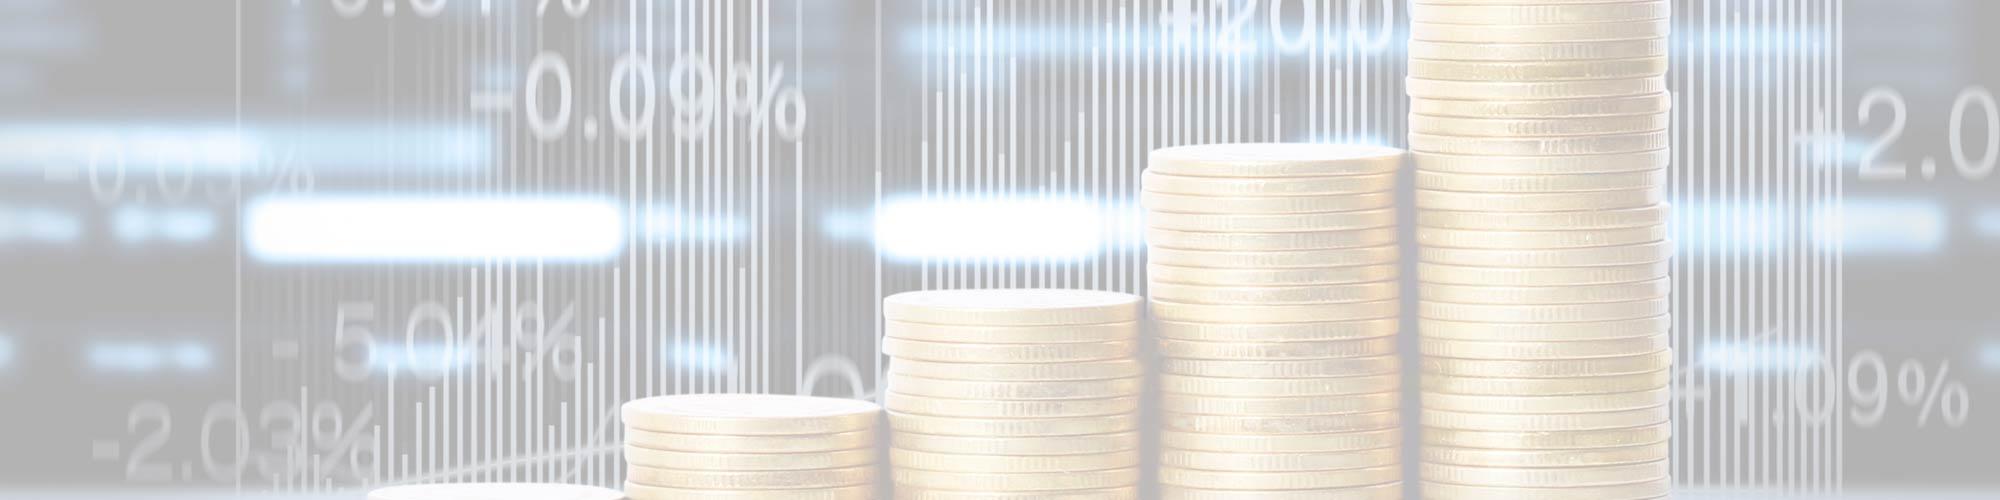 Biuro rachunkowe Arletta Marecka Krosno - podatki, VAT, ZUS, PIT, rachunkowość